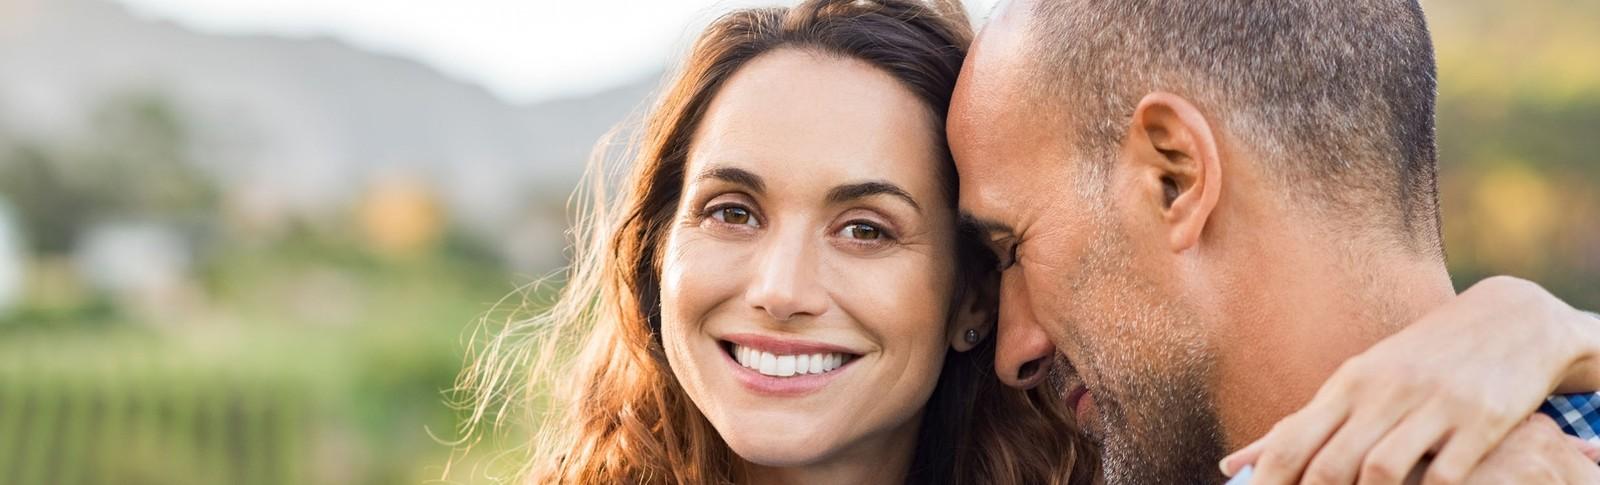 Eine Patientin der Moser Kliniken umarmt nach einer Augenlidstraffung in Augsburg ihren Partner und lächelt in die Kamera